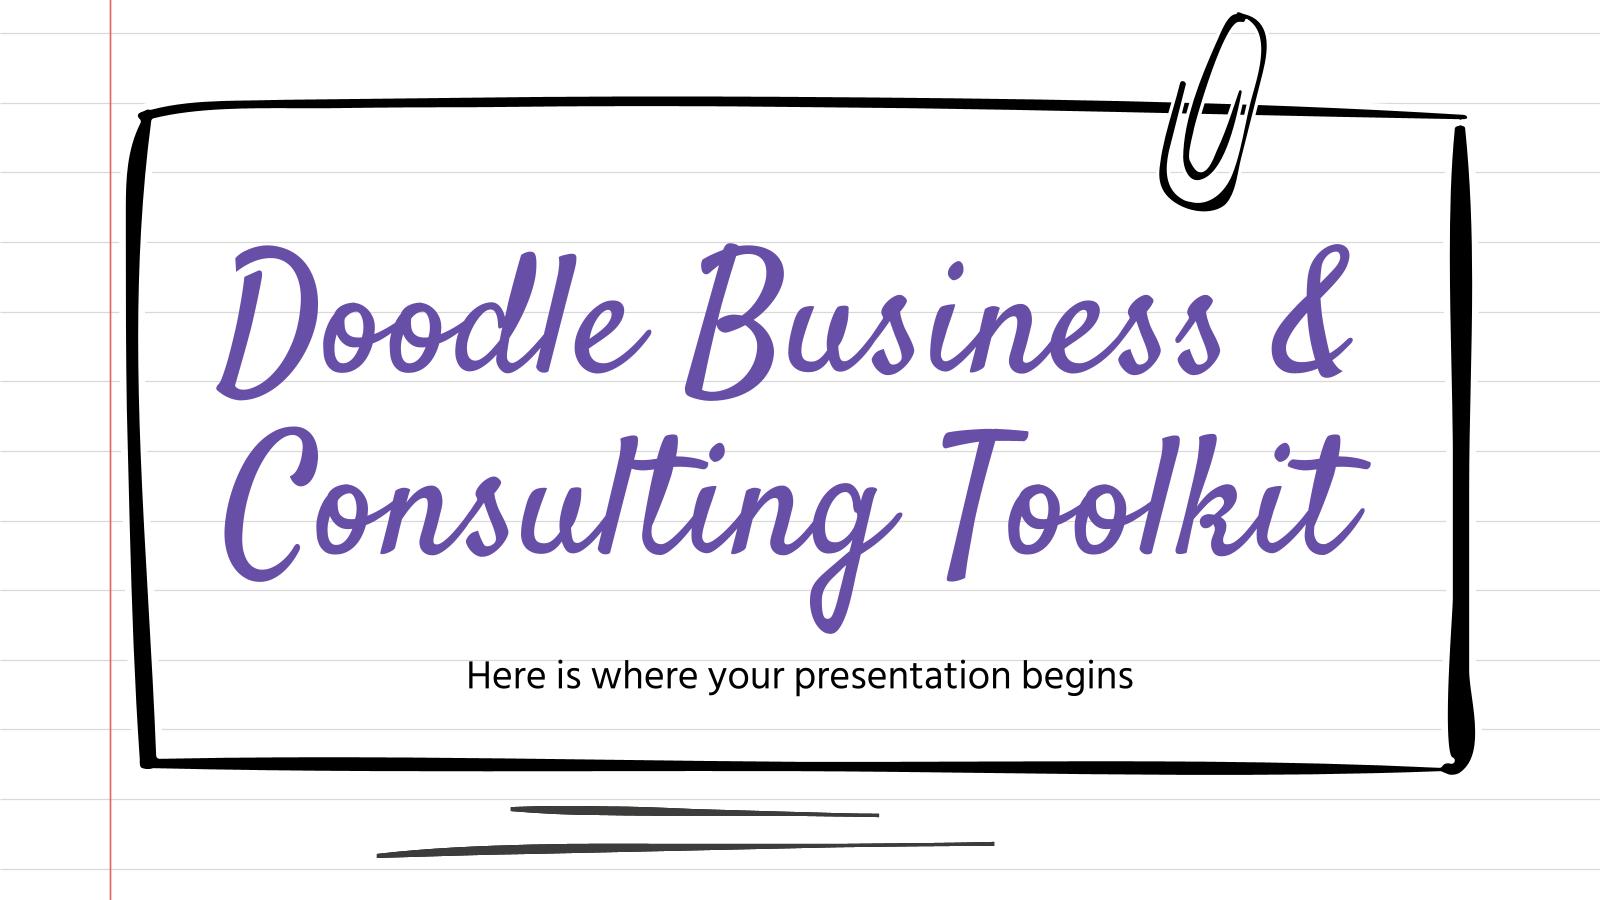 Modelo de apresentação Kit de negócios e consultoria com rabiscos